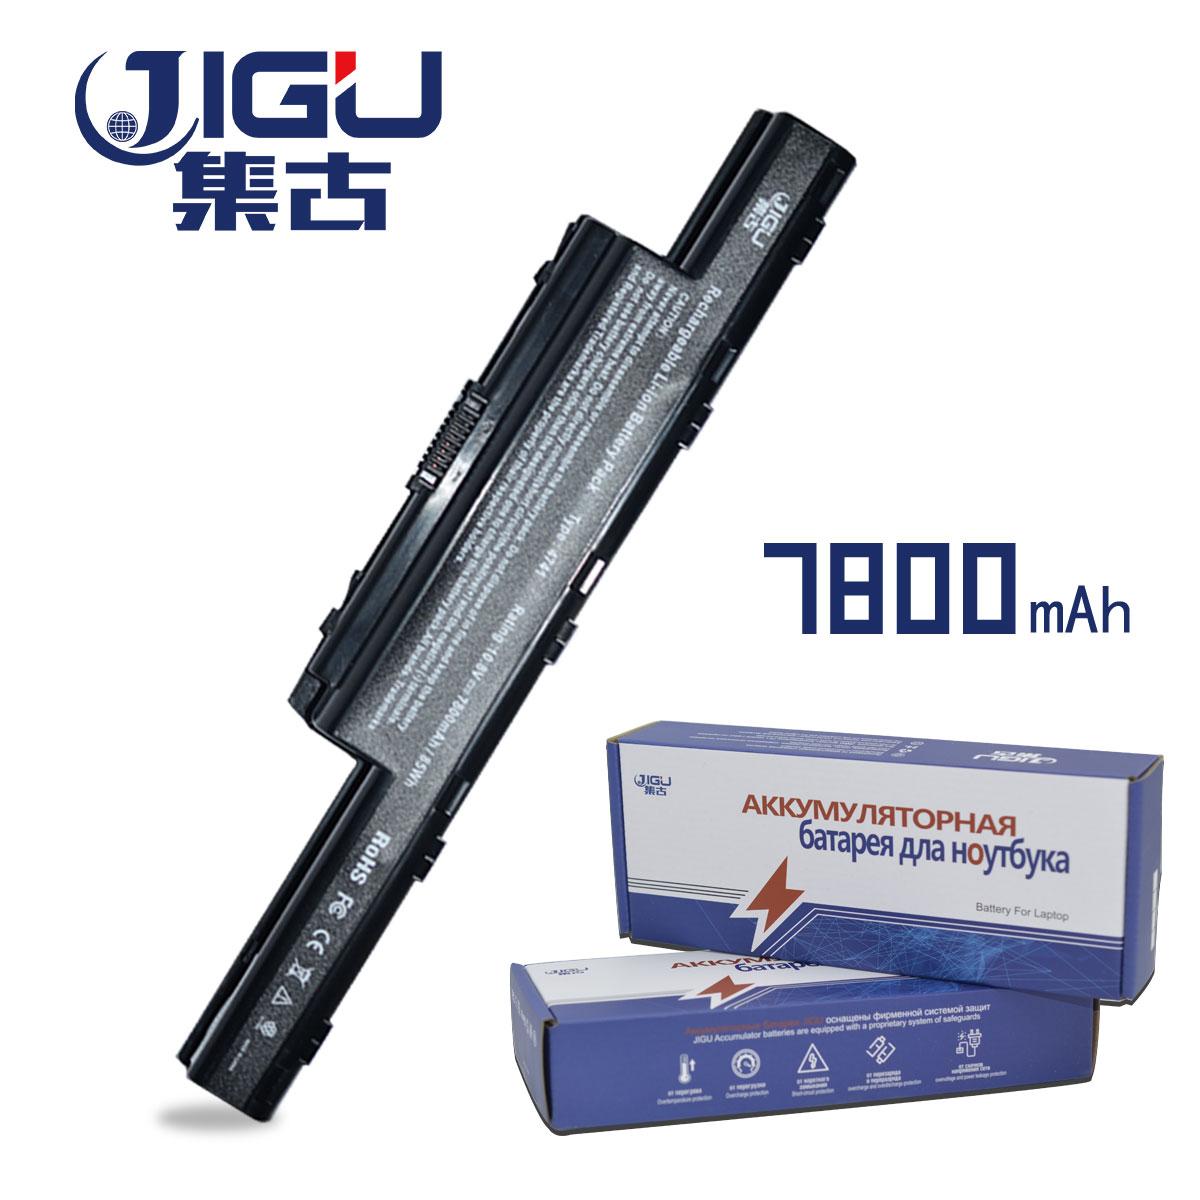 JIGU 9 celdas de batería AS10D31 AS10D41 AS10D51 para Acer Aspire 5736Z 5741 5741G 5741Z 5742 5742G 5742Z 5742ZG 5750G